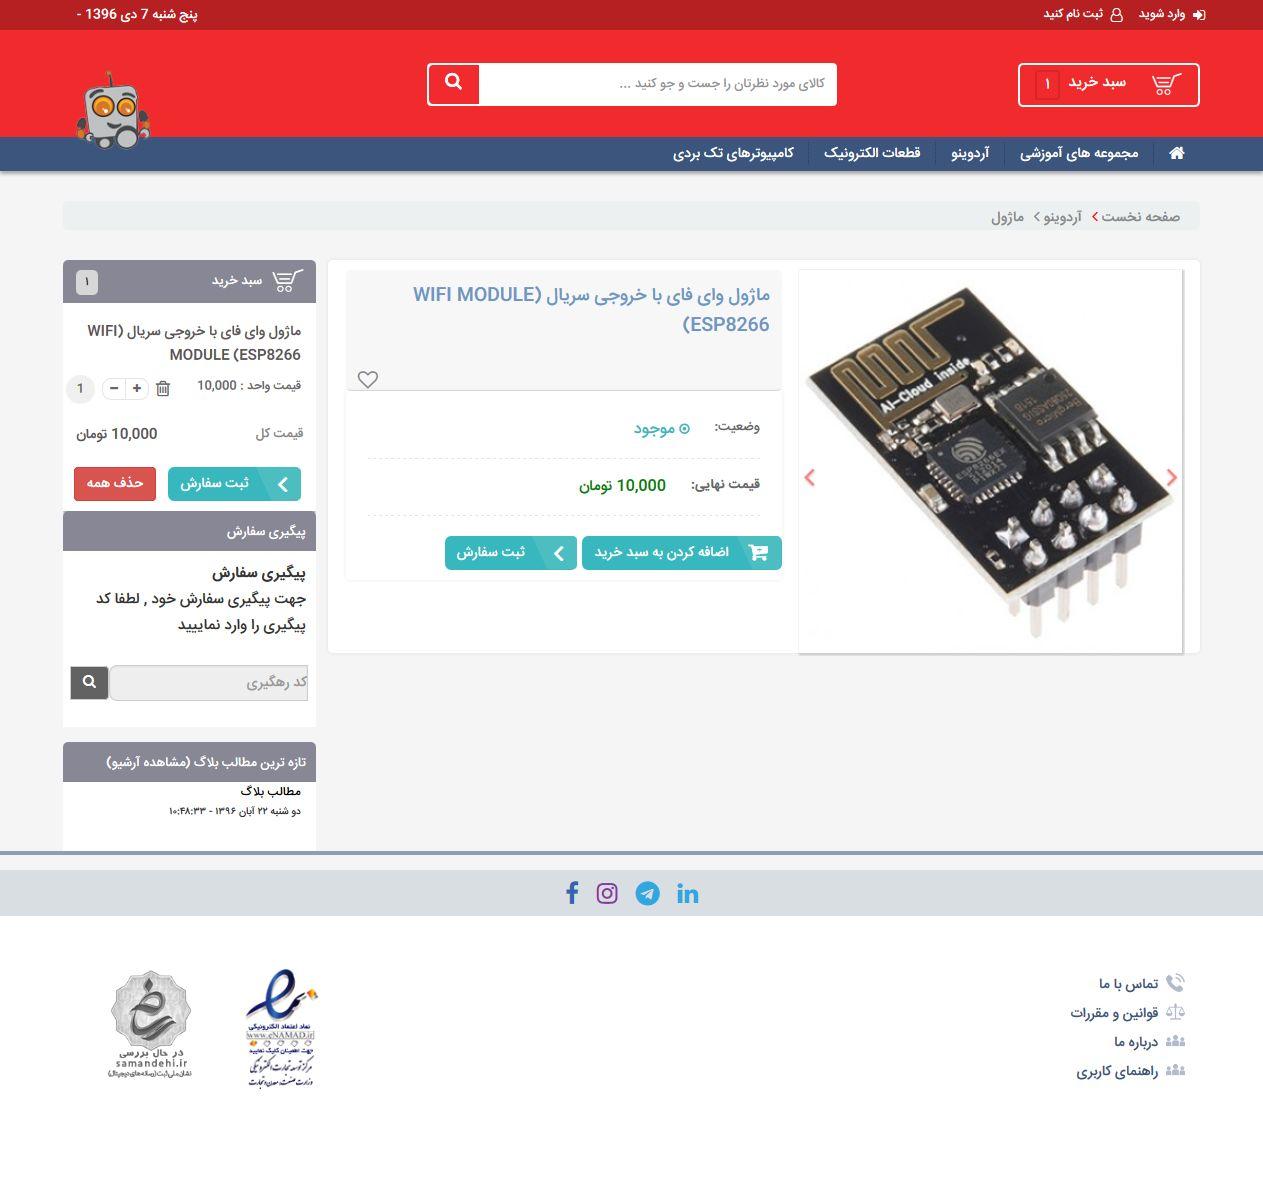 طراحی اپلیکیشن  فروشگاه قطعات سخت افزاری 0